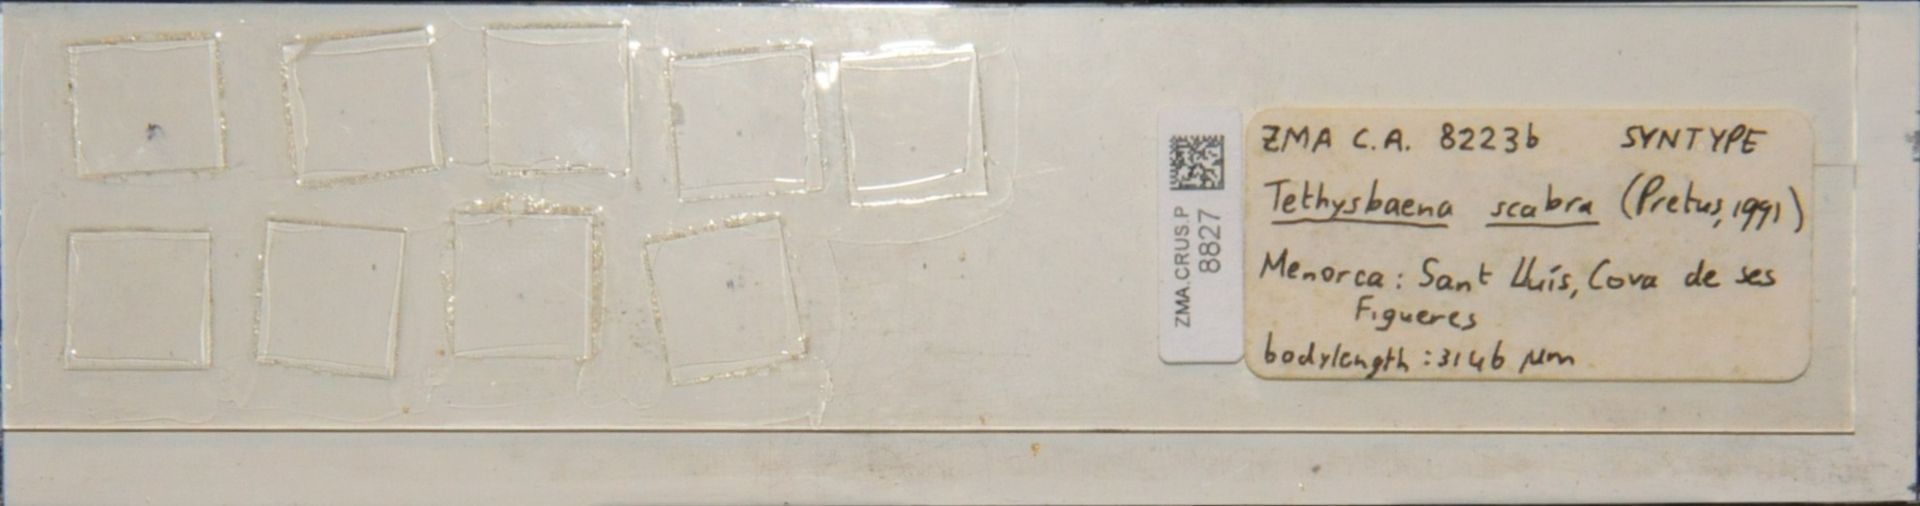 ZMA.CRUS.P.8827 | Tethysbaena scabra (Pretus, 1991)